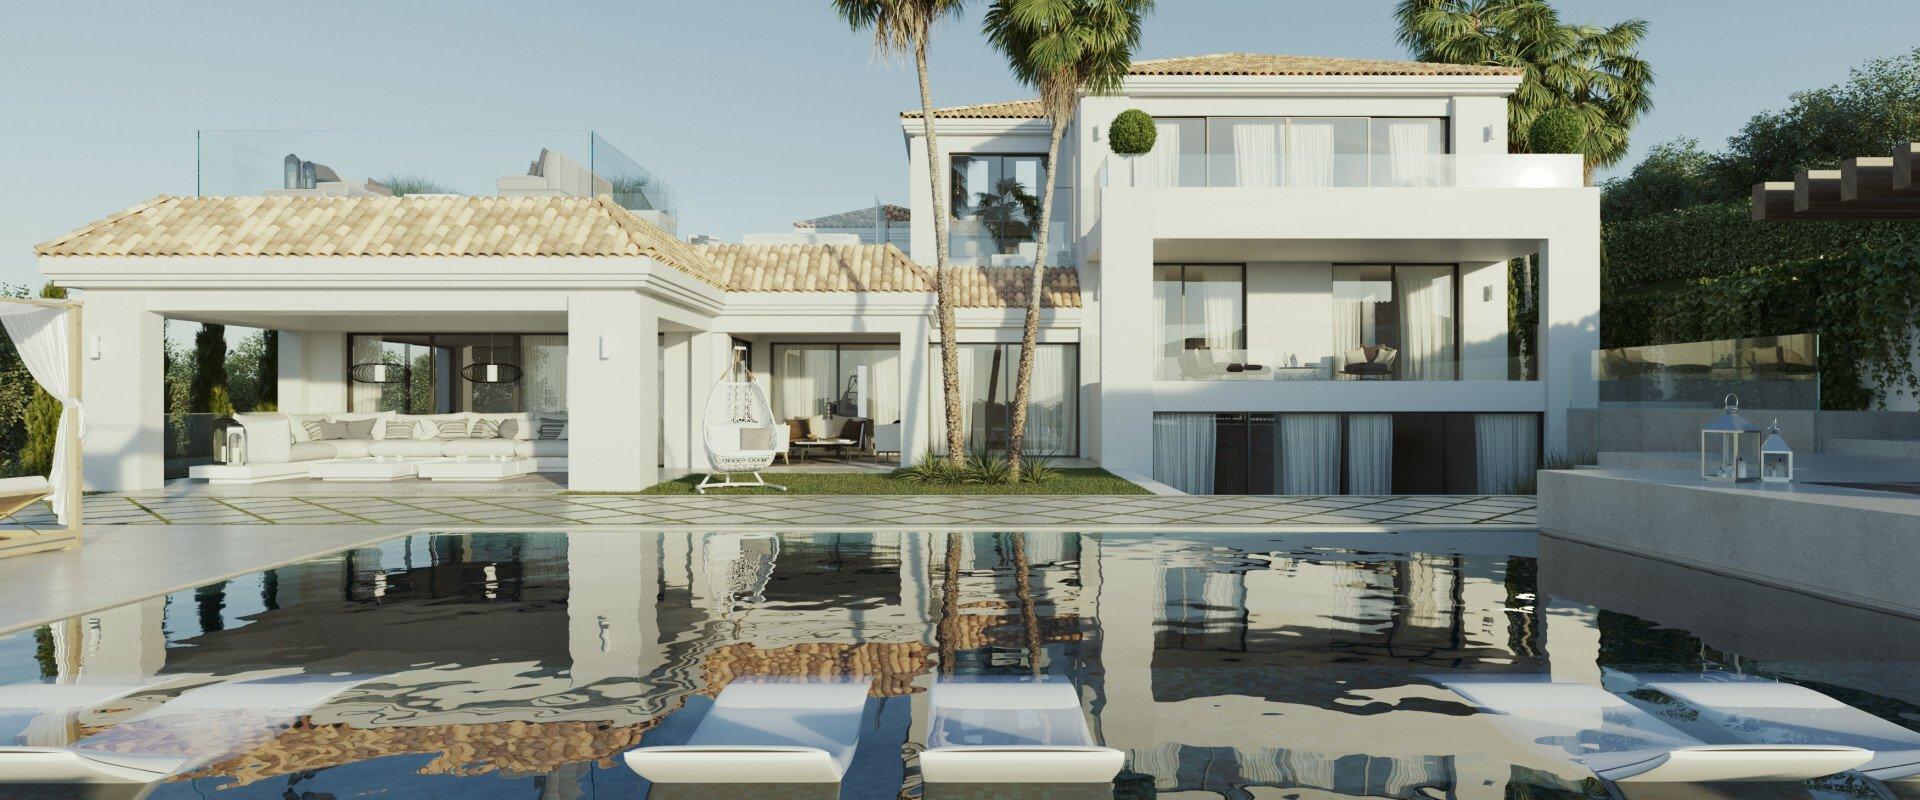 Villa in Marbella, Andalusia, Spain 1 - 11475833